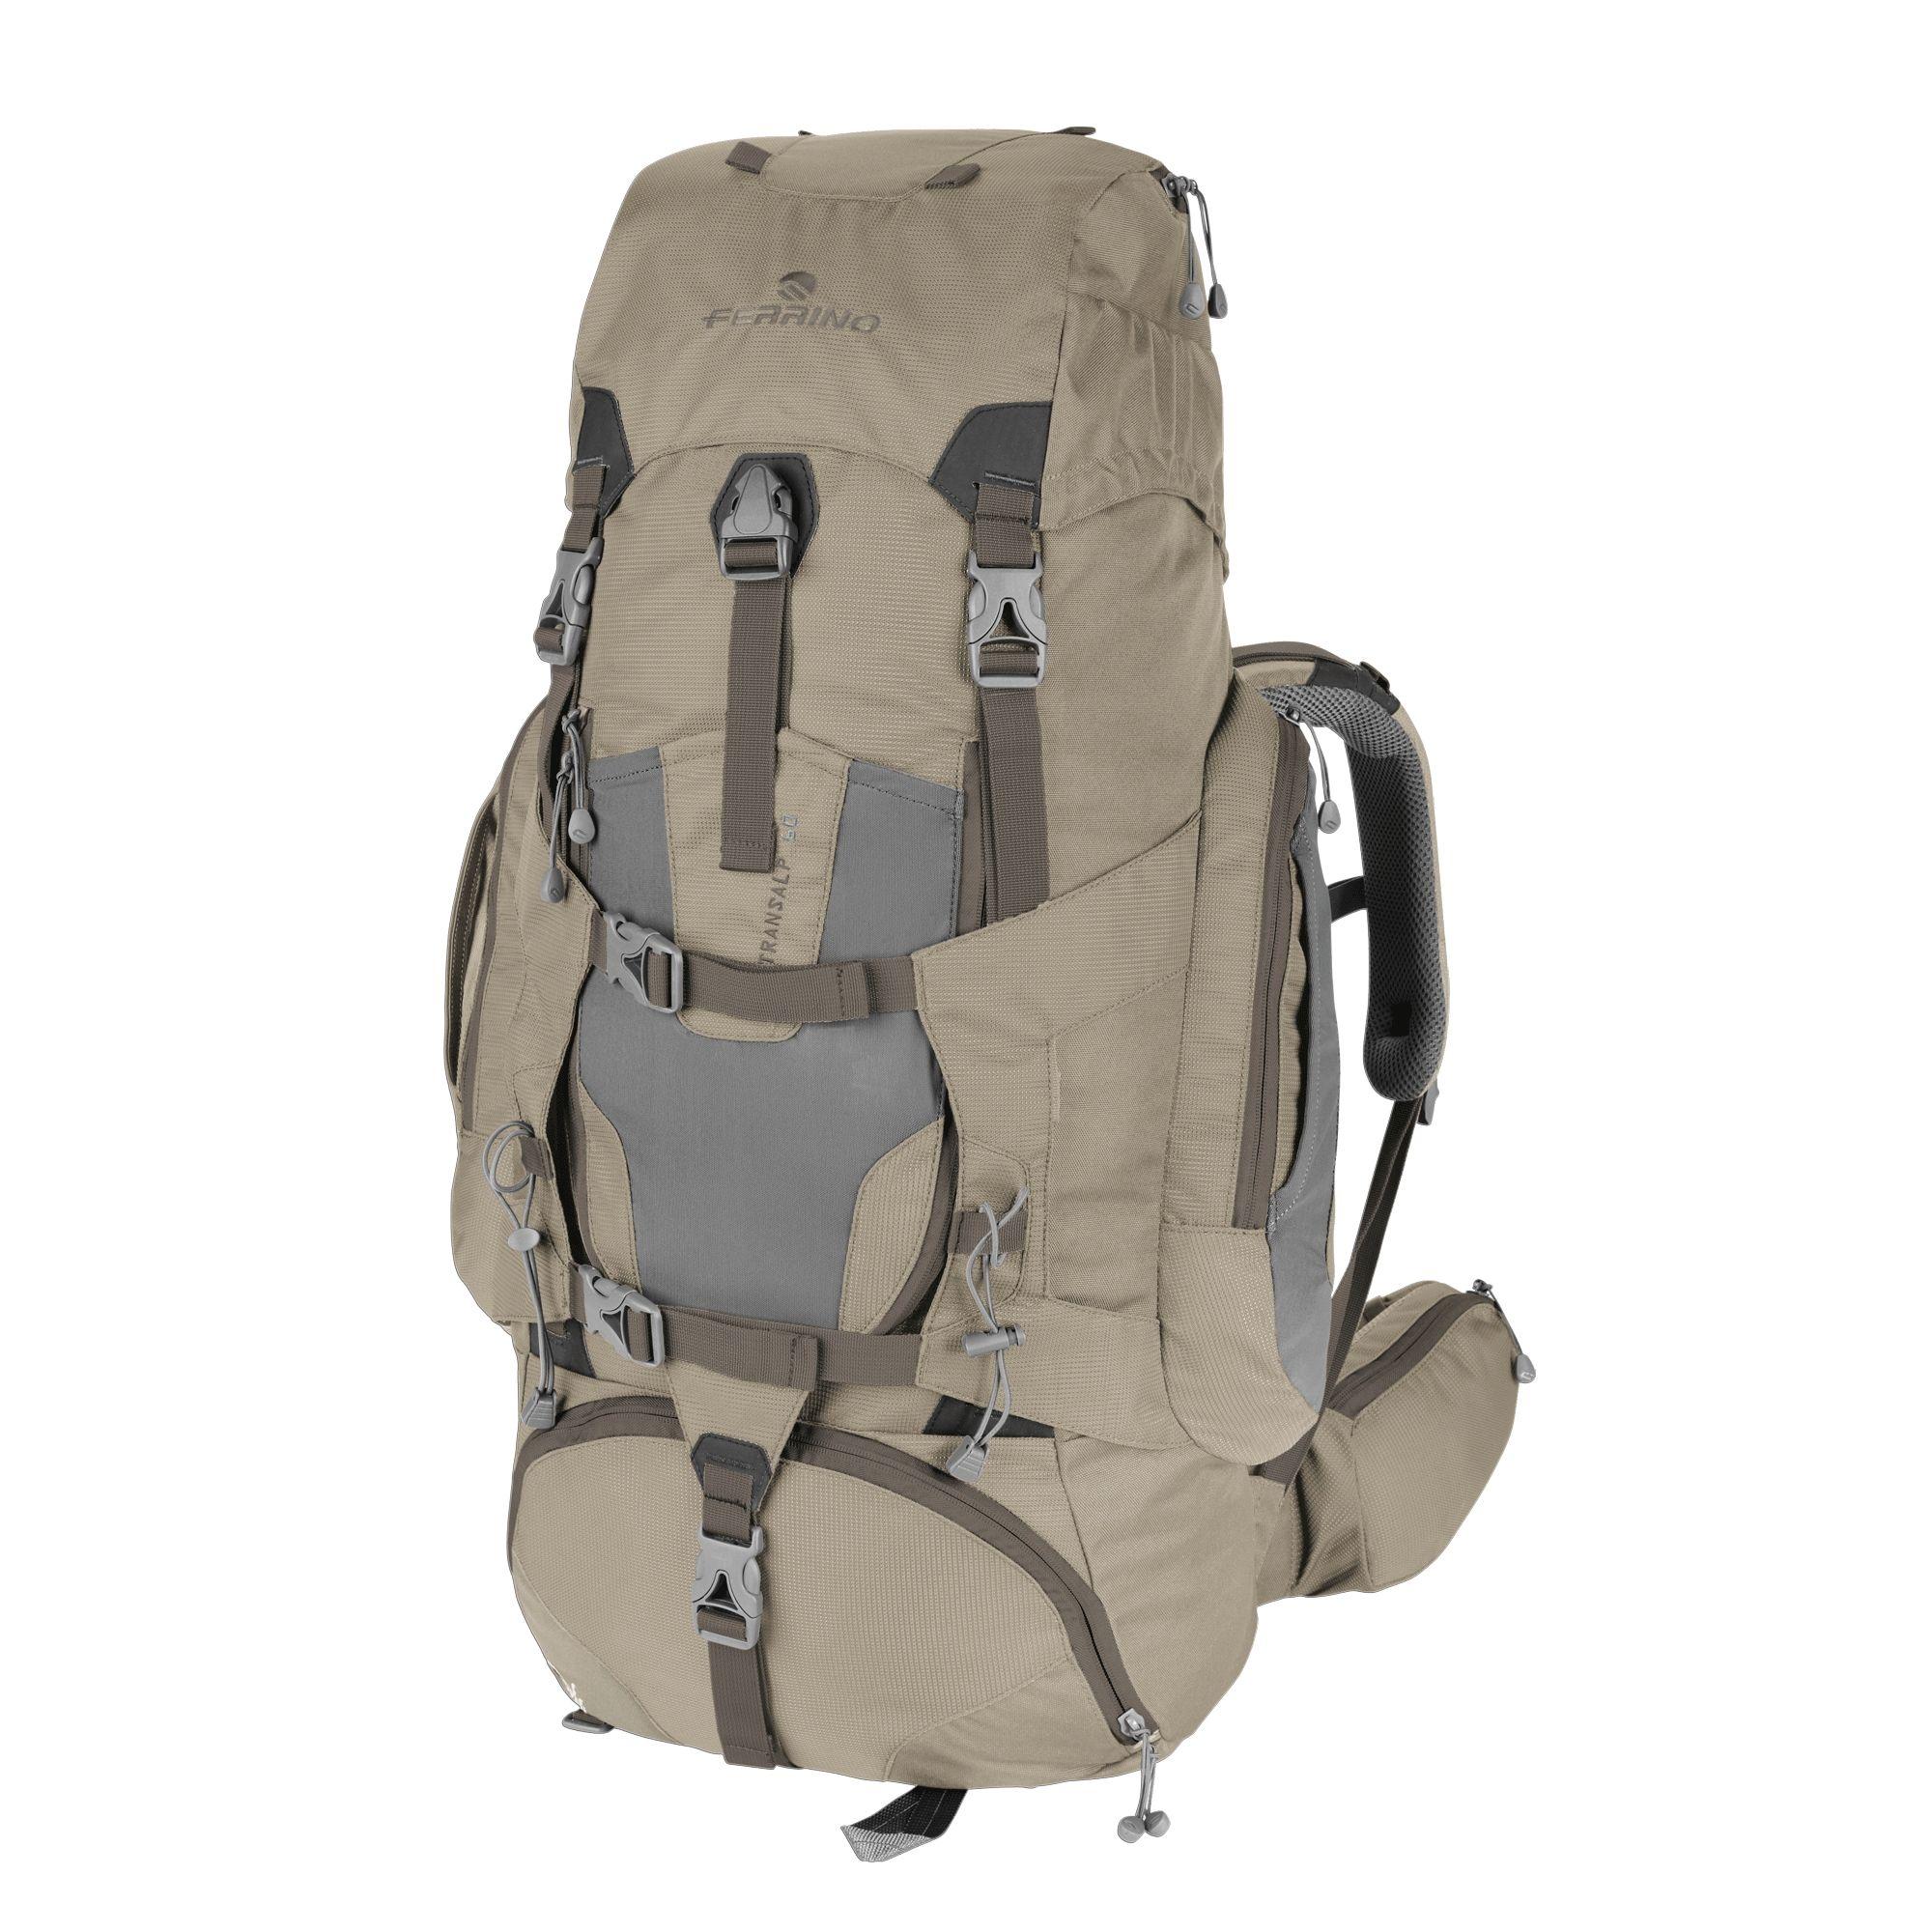 85079e2e34 Transalp 100L Ferrino - Sac à dos Trekking, randonnée | Backpacks ...